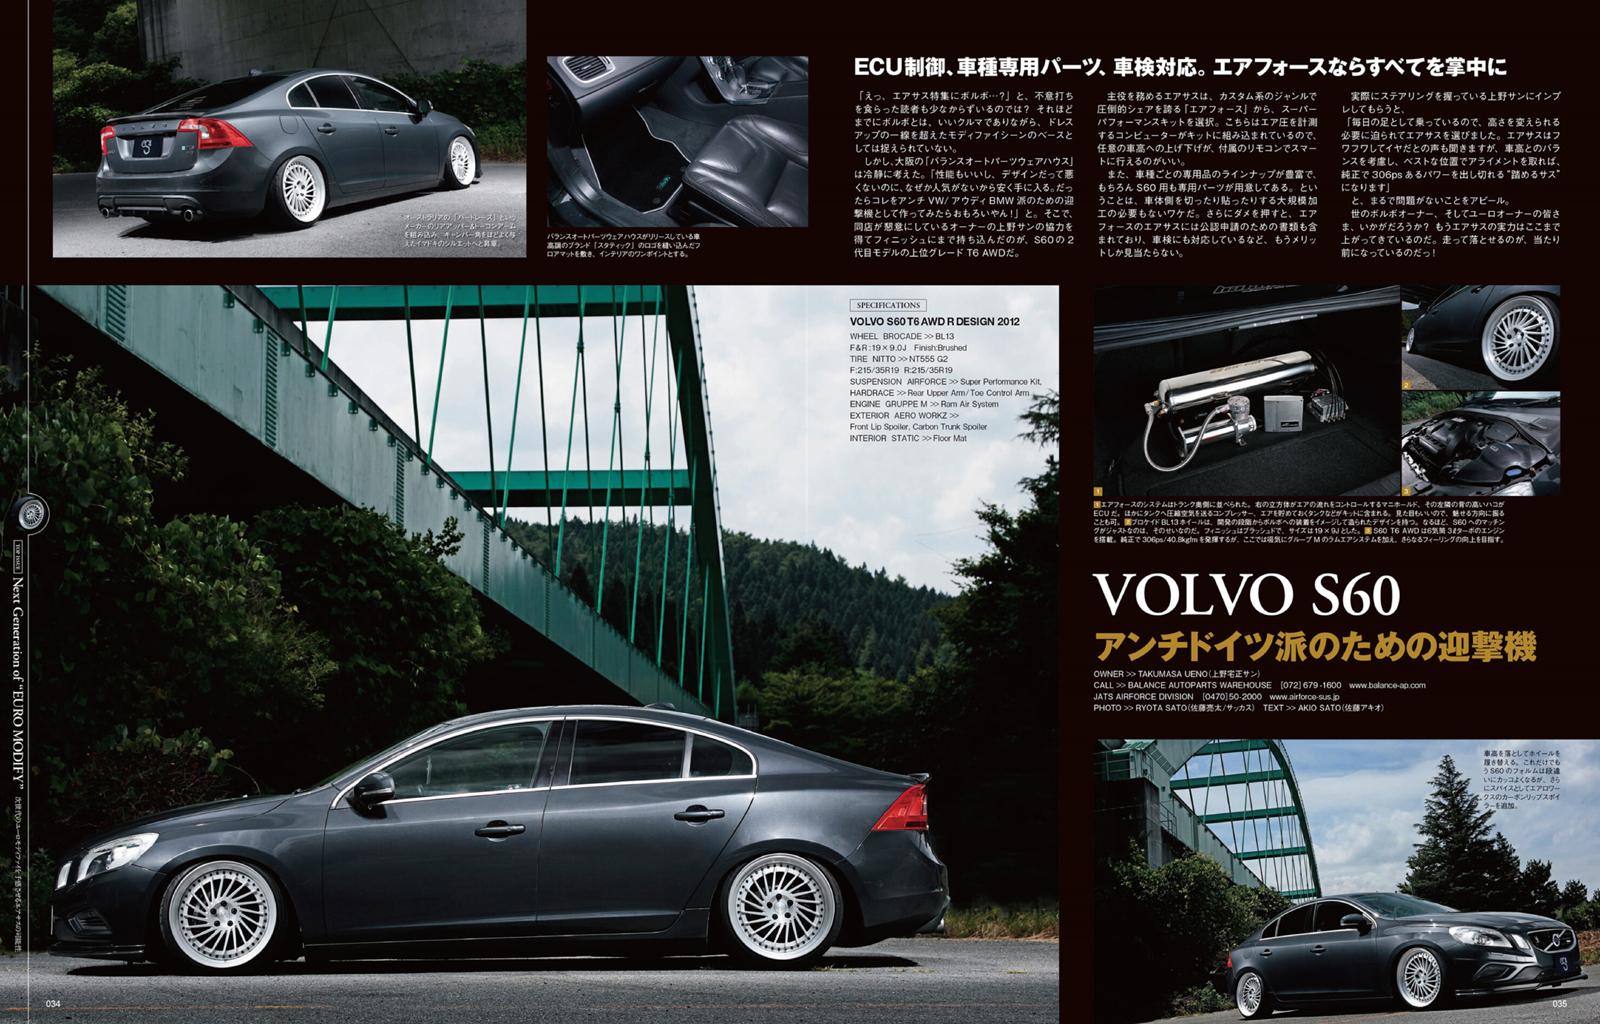 エアサス VOLVO S60 T6 AWD R DESIGN eS4掲載